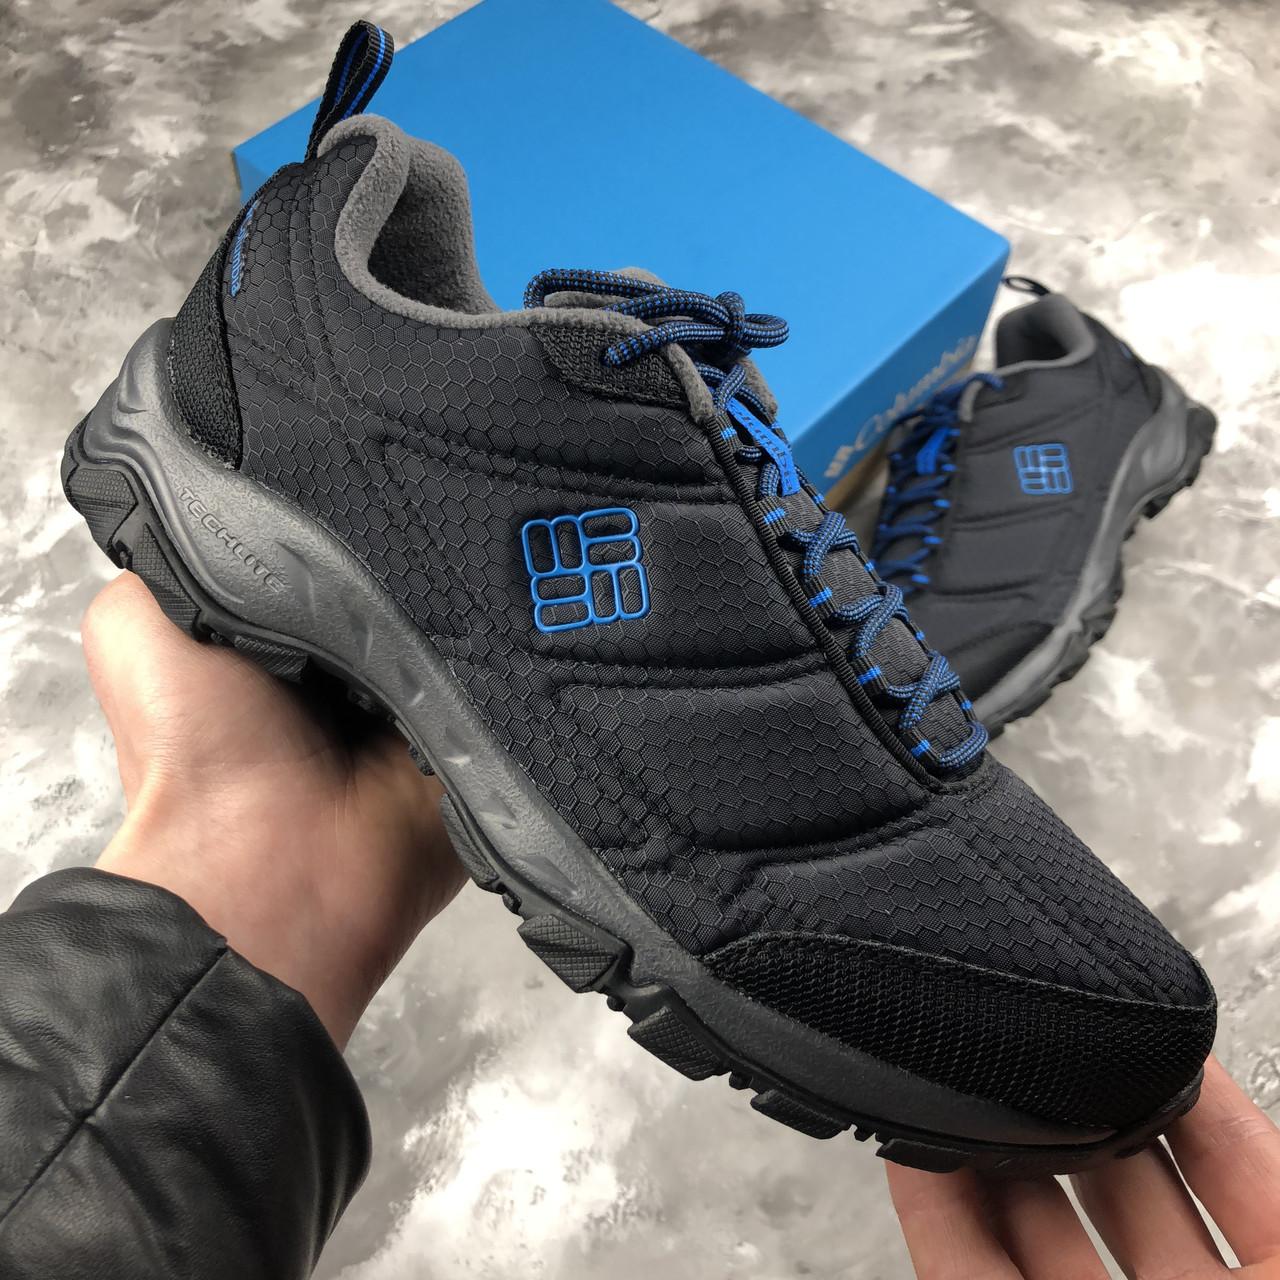 8976e908ea65 Оригинальные зимние кроссовки Columbia Firechamp 2 Fleece Black Hyper Blue  , фото 1